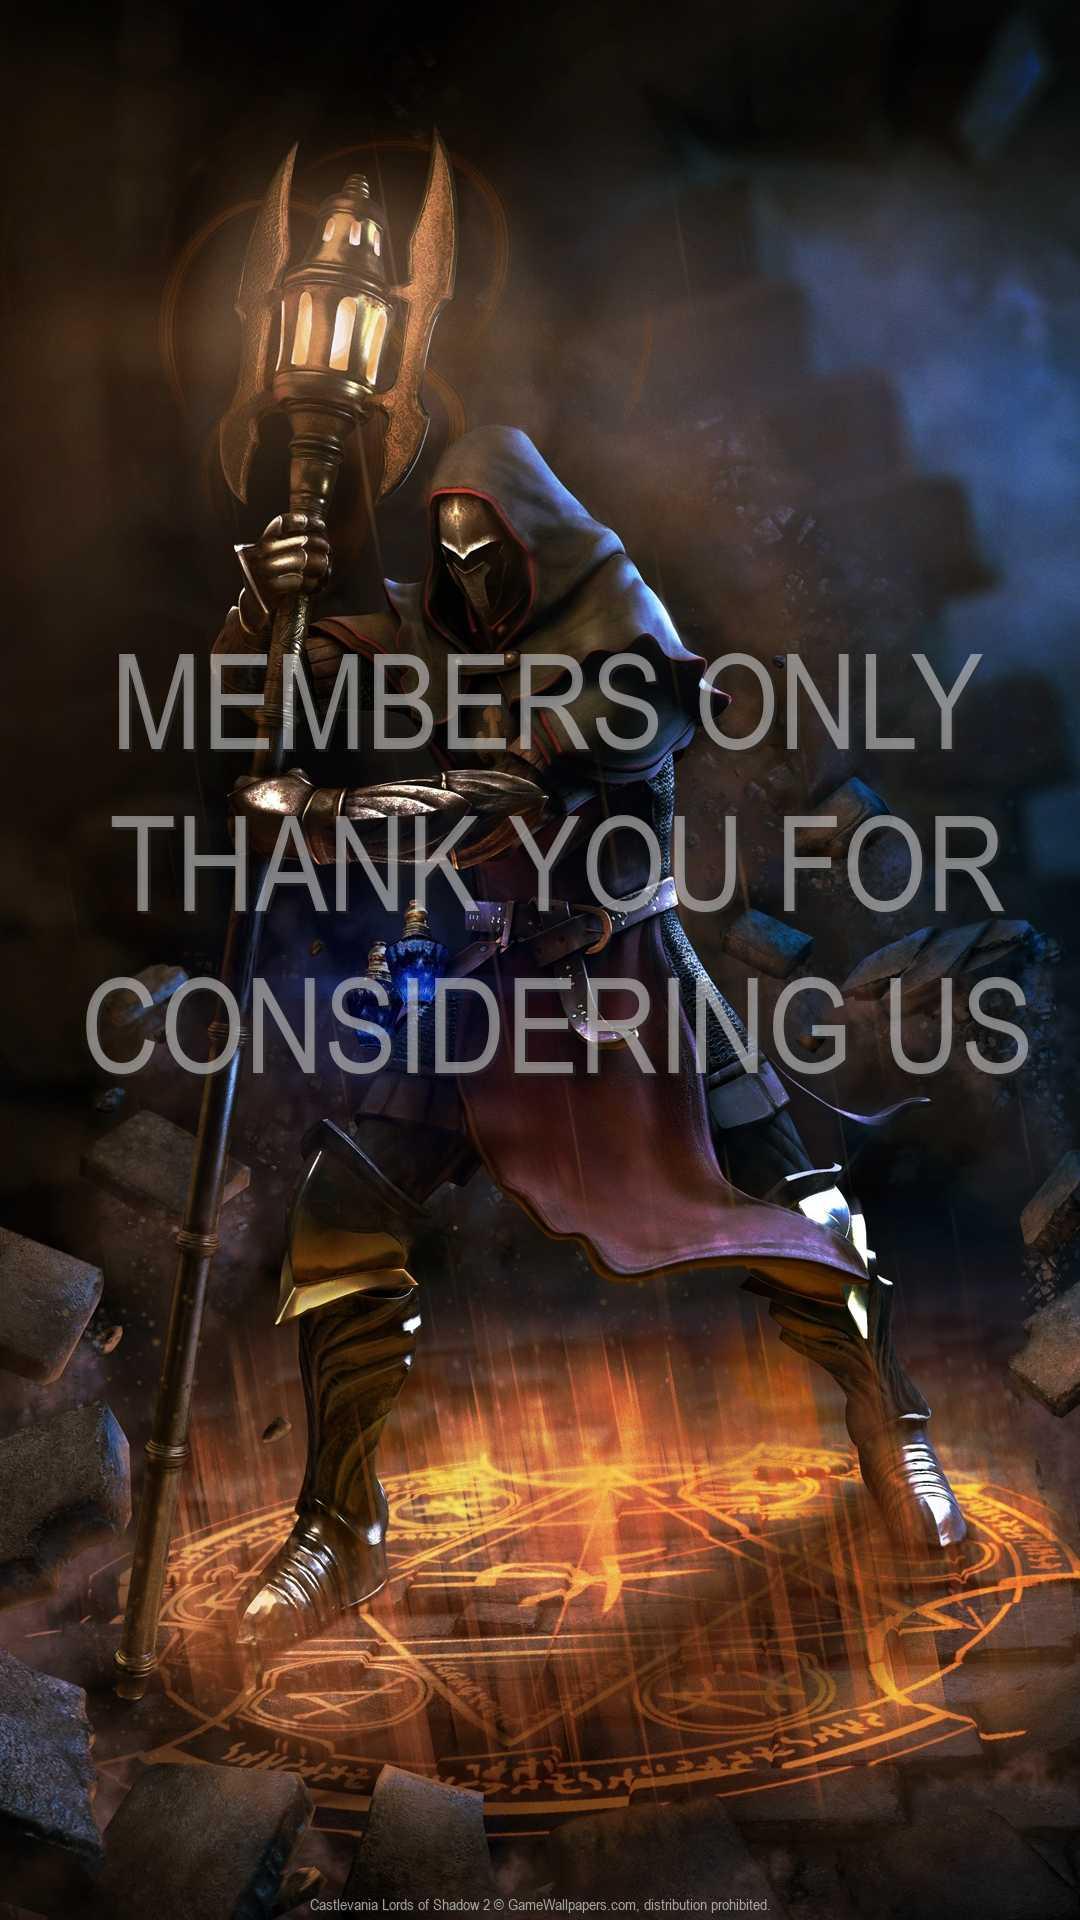 Castlevania: Lords of Shadow 2 1080p Vertical Handy Hintergrundbild 07